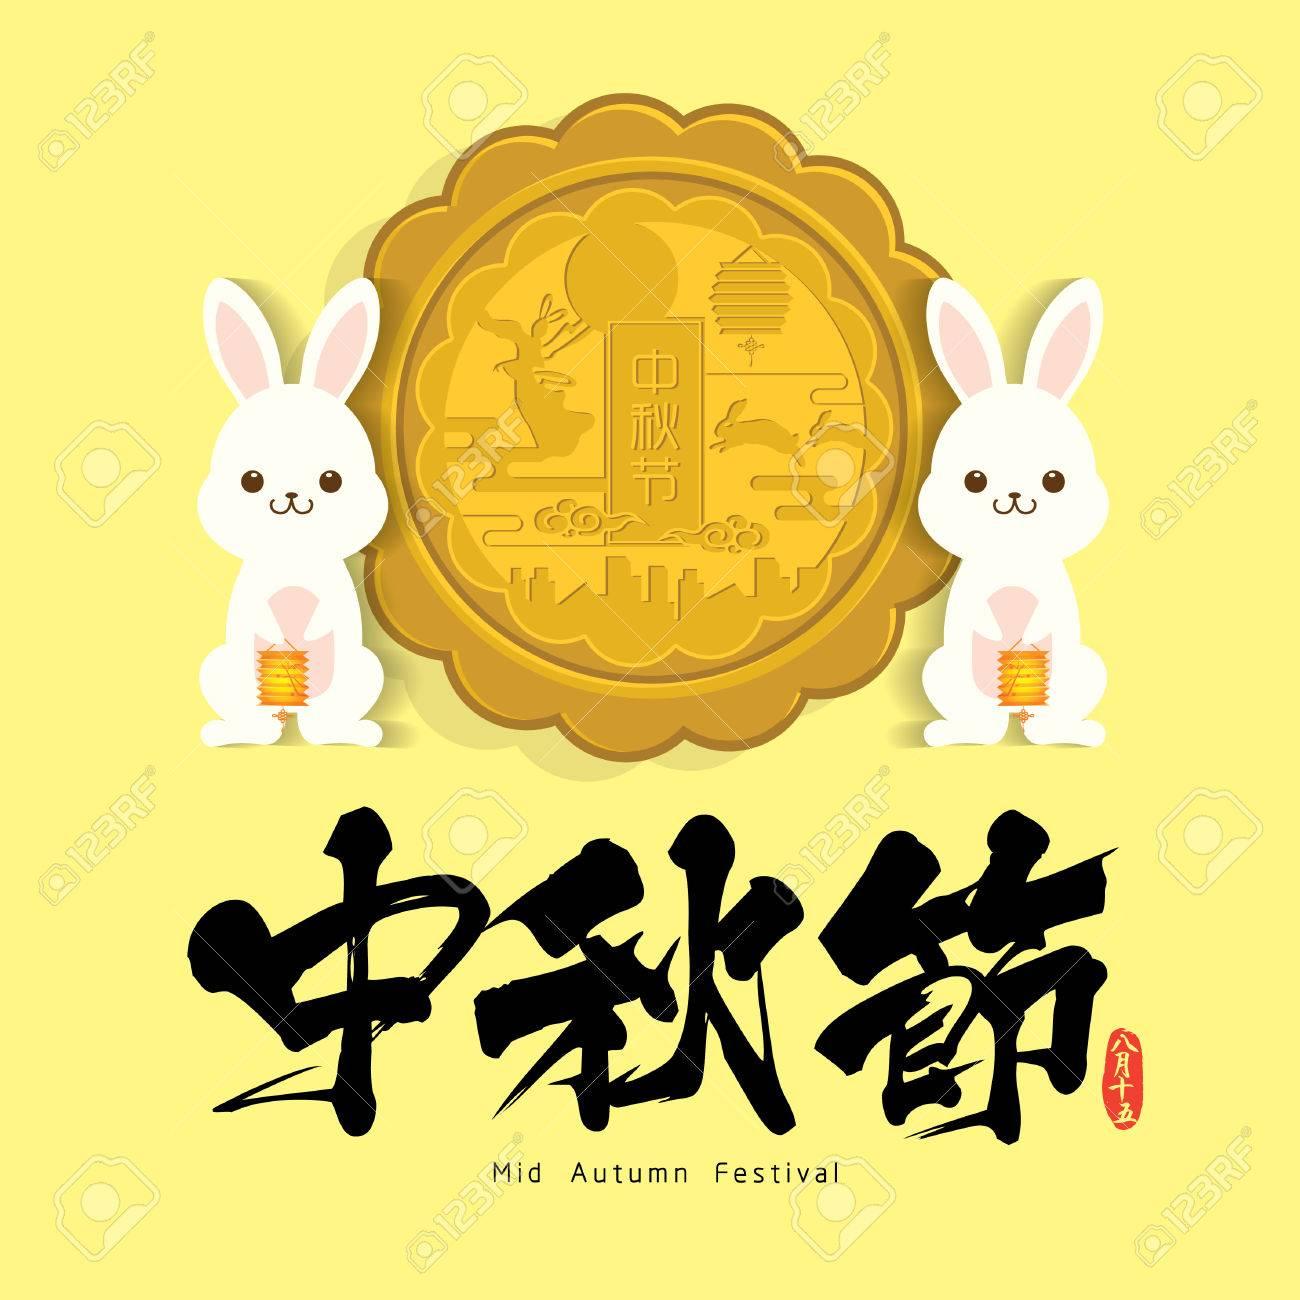 かわいい Bunnyand ムーンケーキの中秋祭イラストキャプション 中間秋